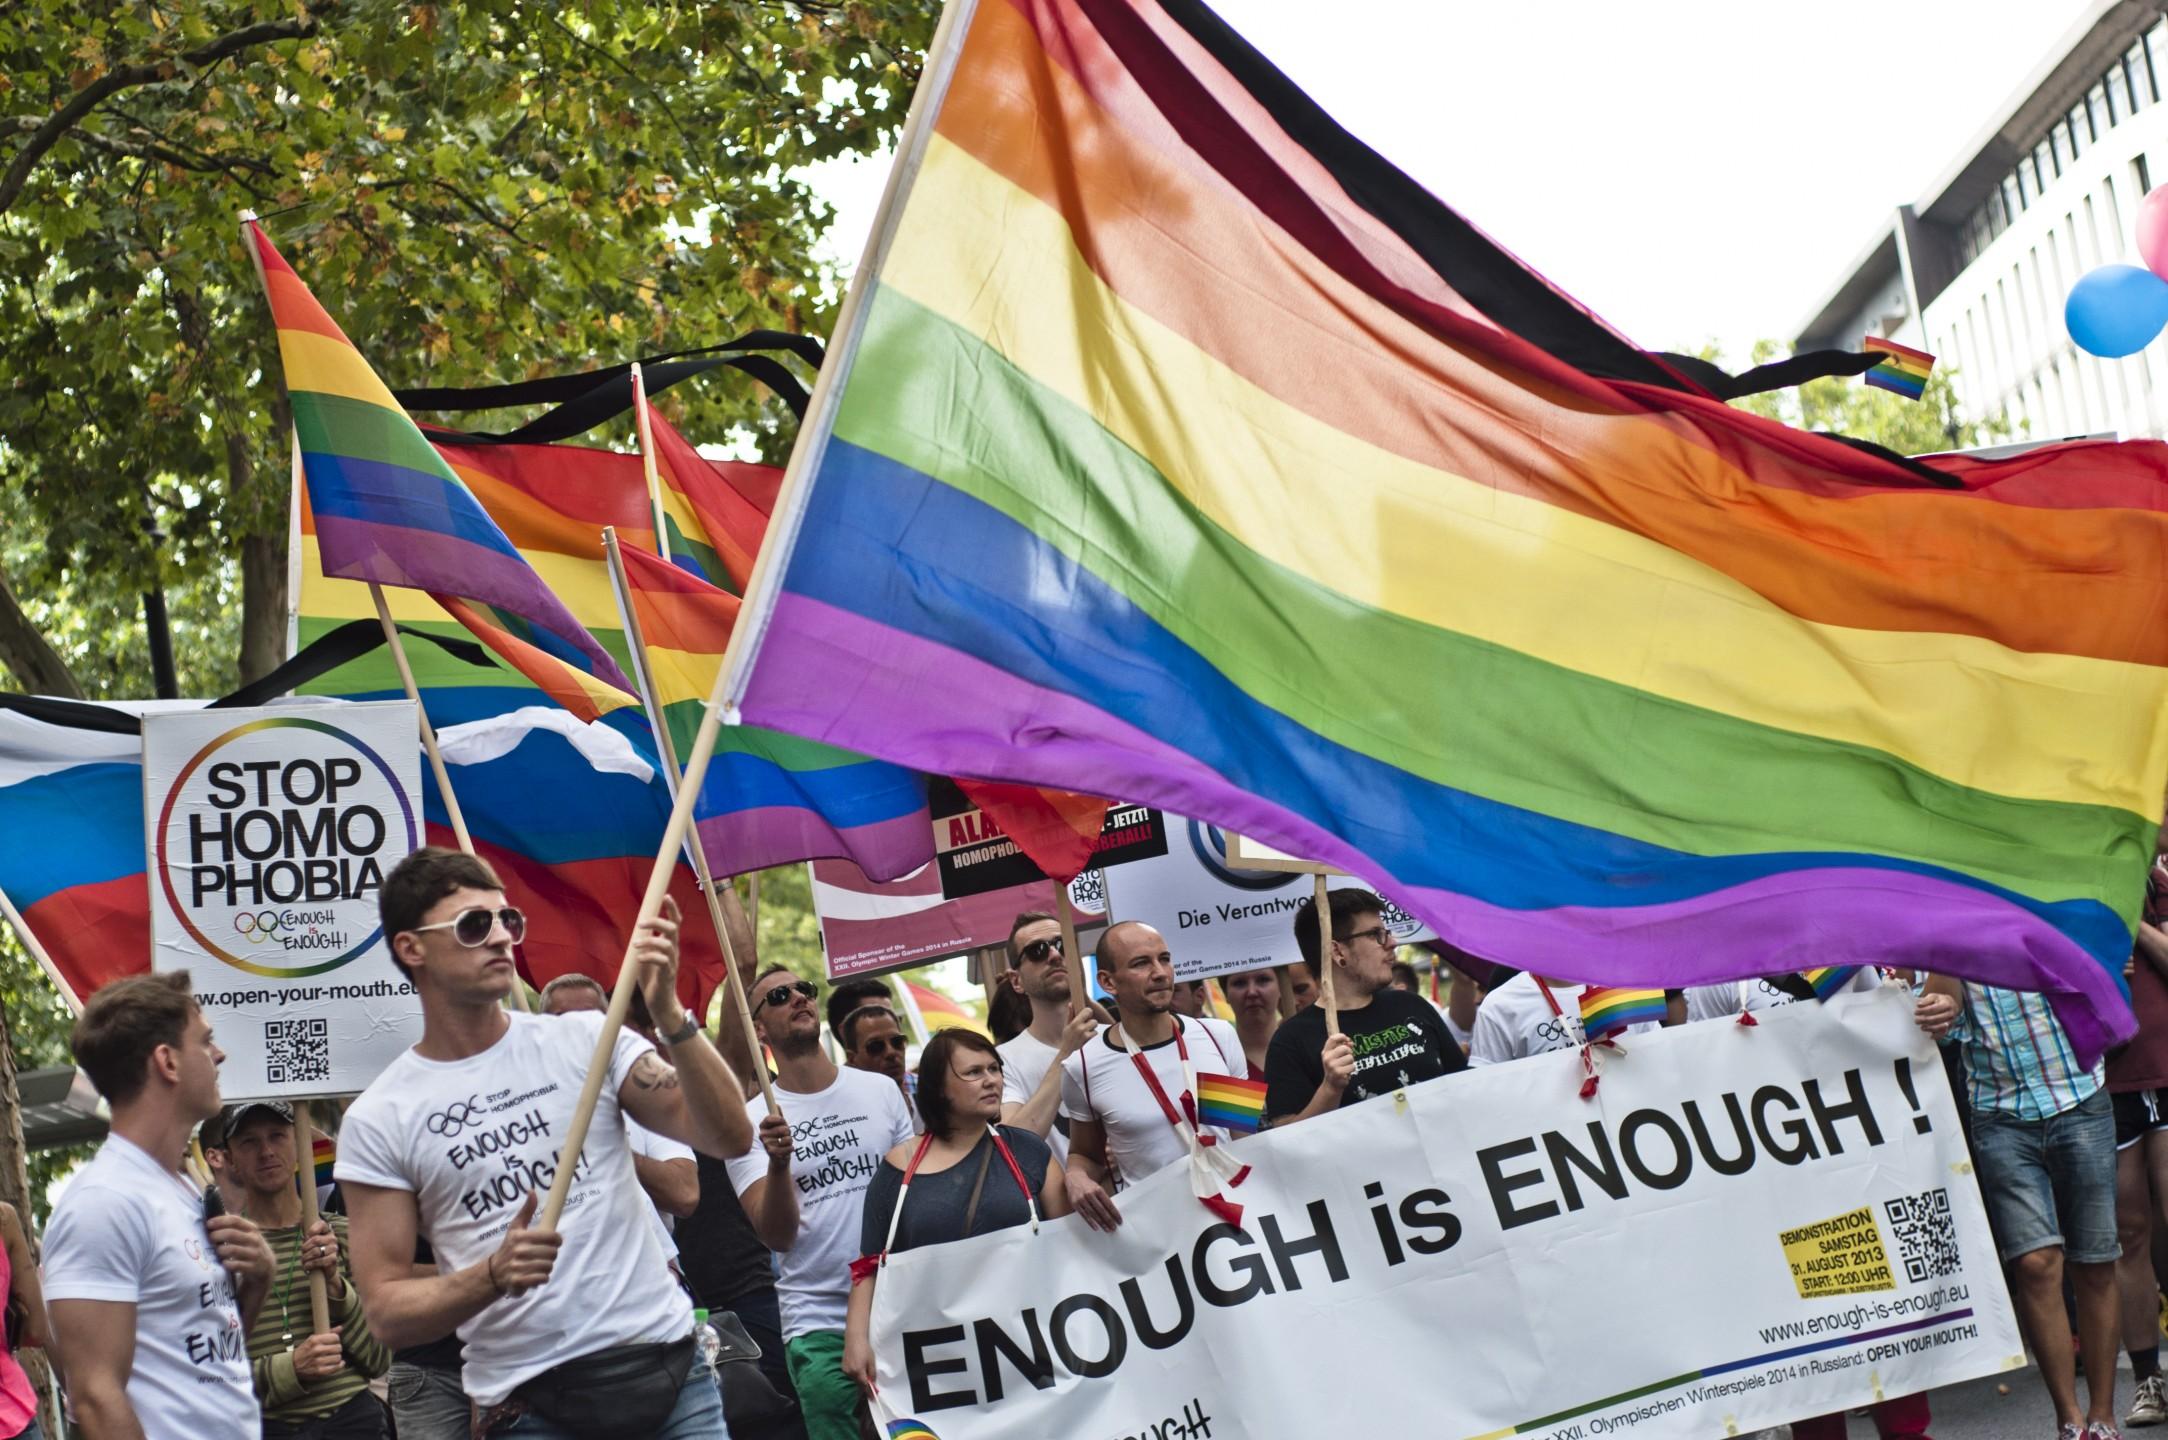 Demonstratie tegen anti-homogeweld in Rusland. Foto: Marco Fieber (Flickr)